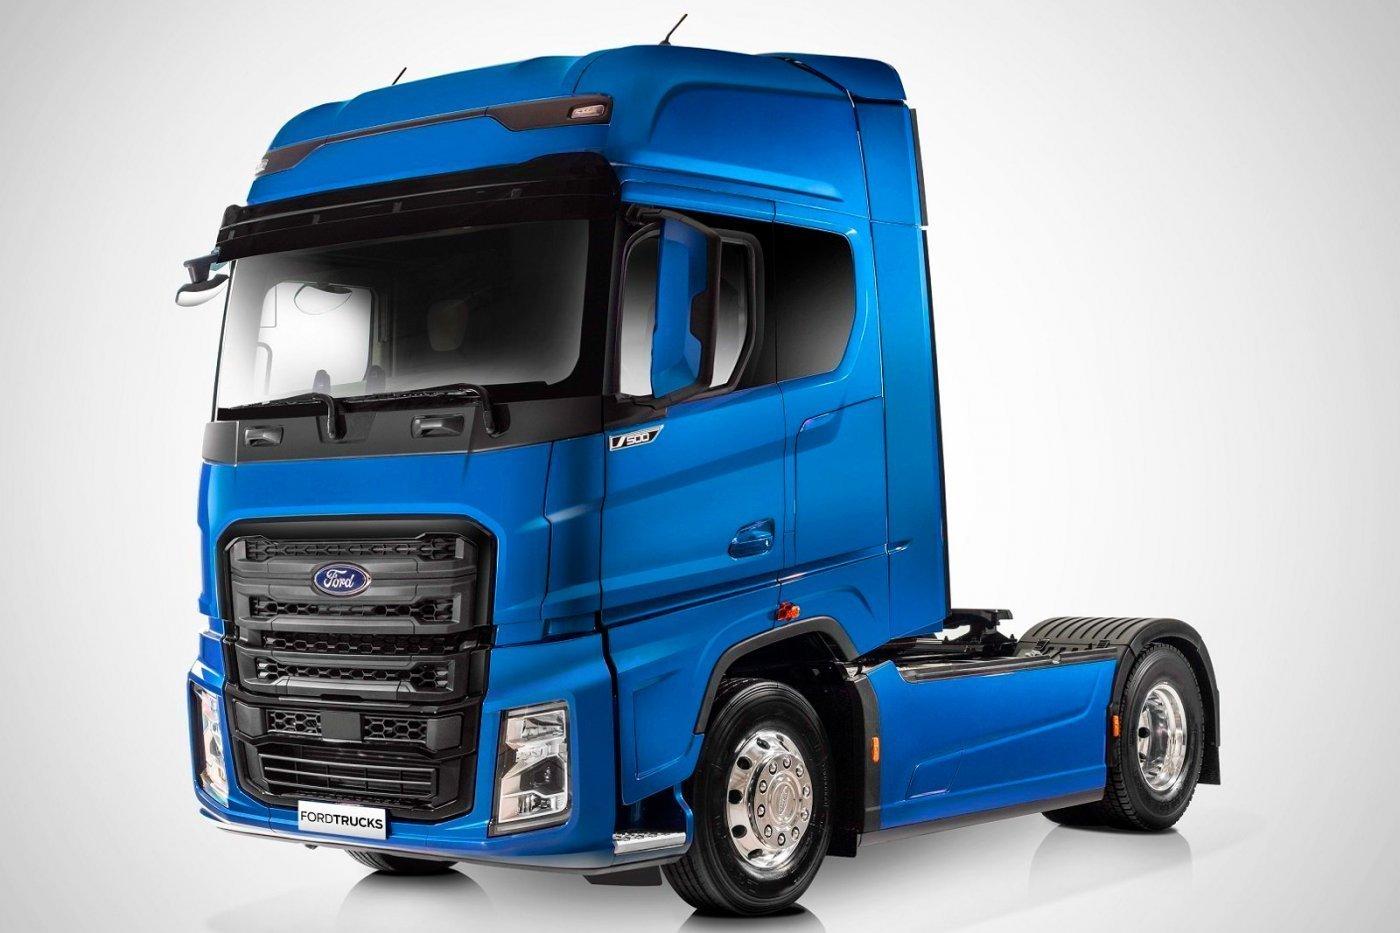 új 7 Személyes Autó: Világhódító Szerepet Szánnak Az új Ford Kamionnak